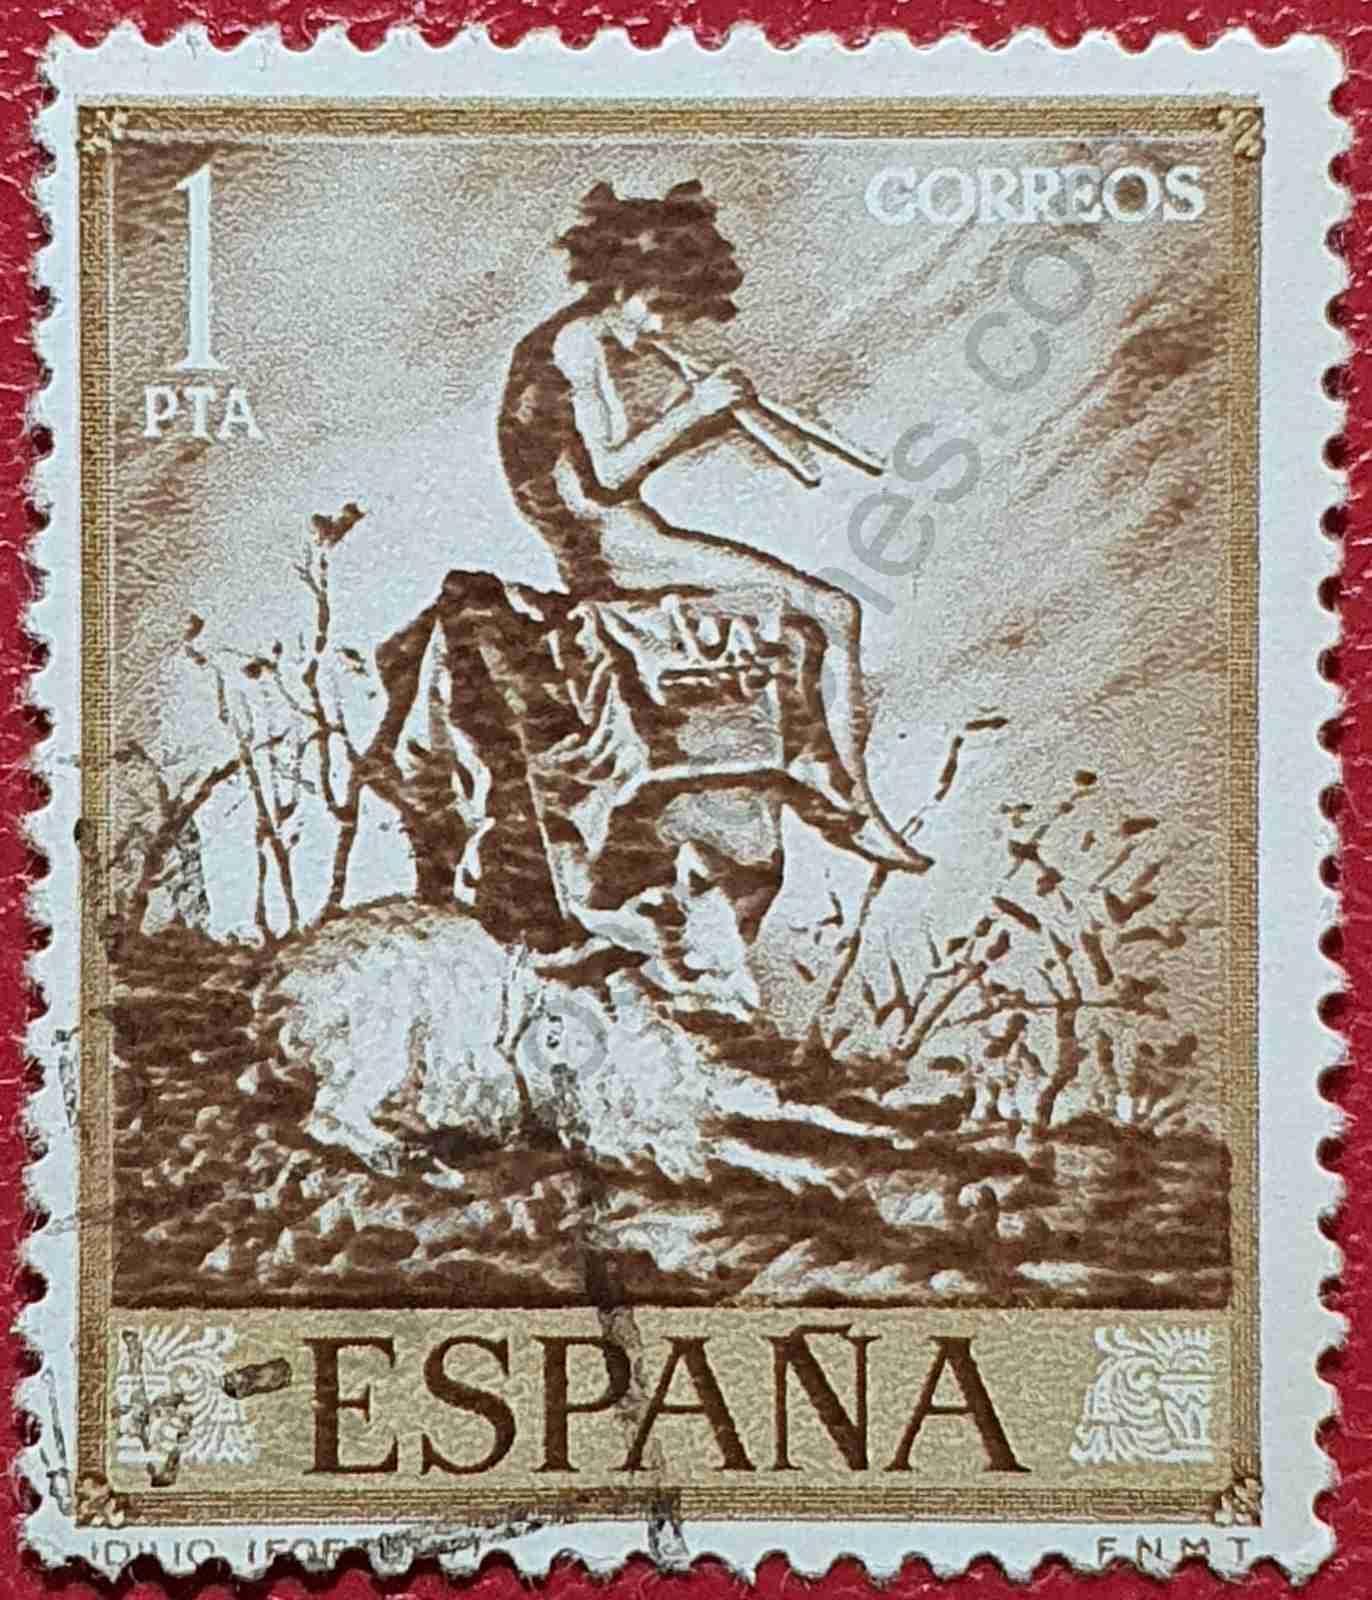 Idilio de Mariano Fortuny - Sello España 1968